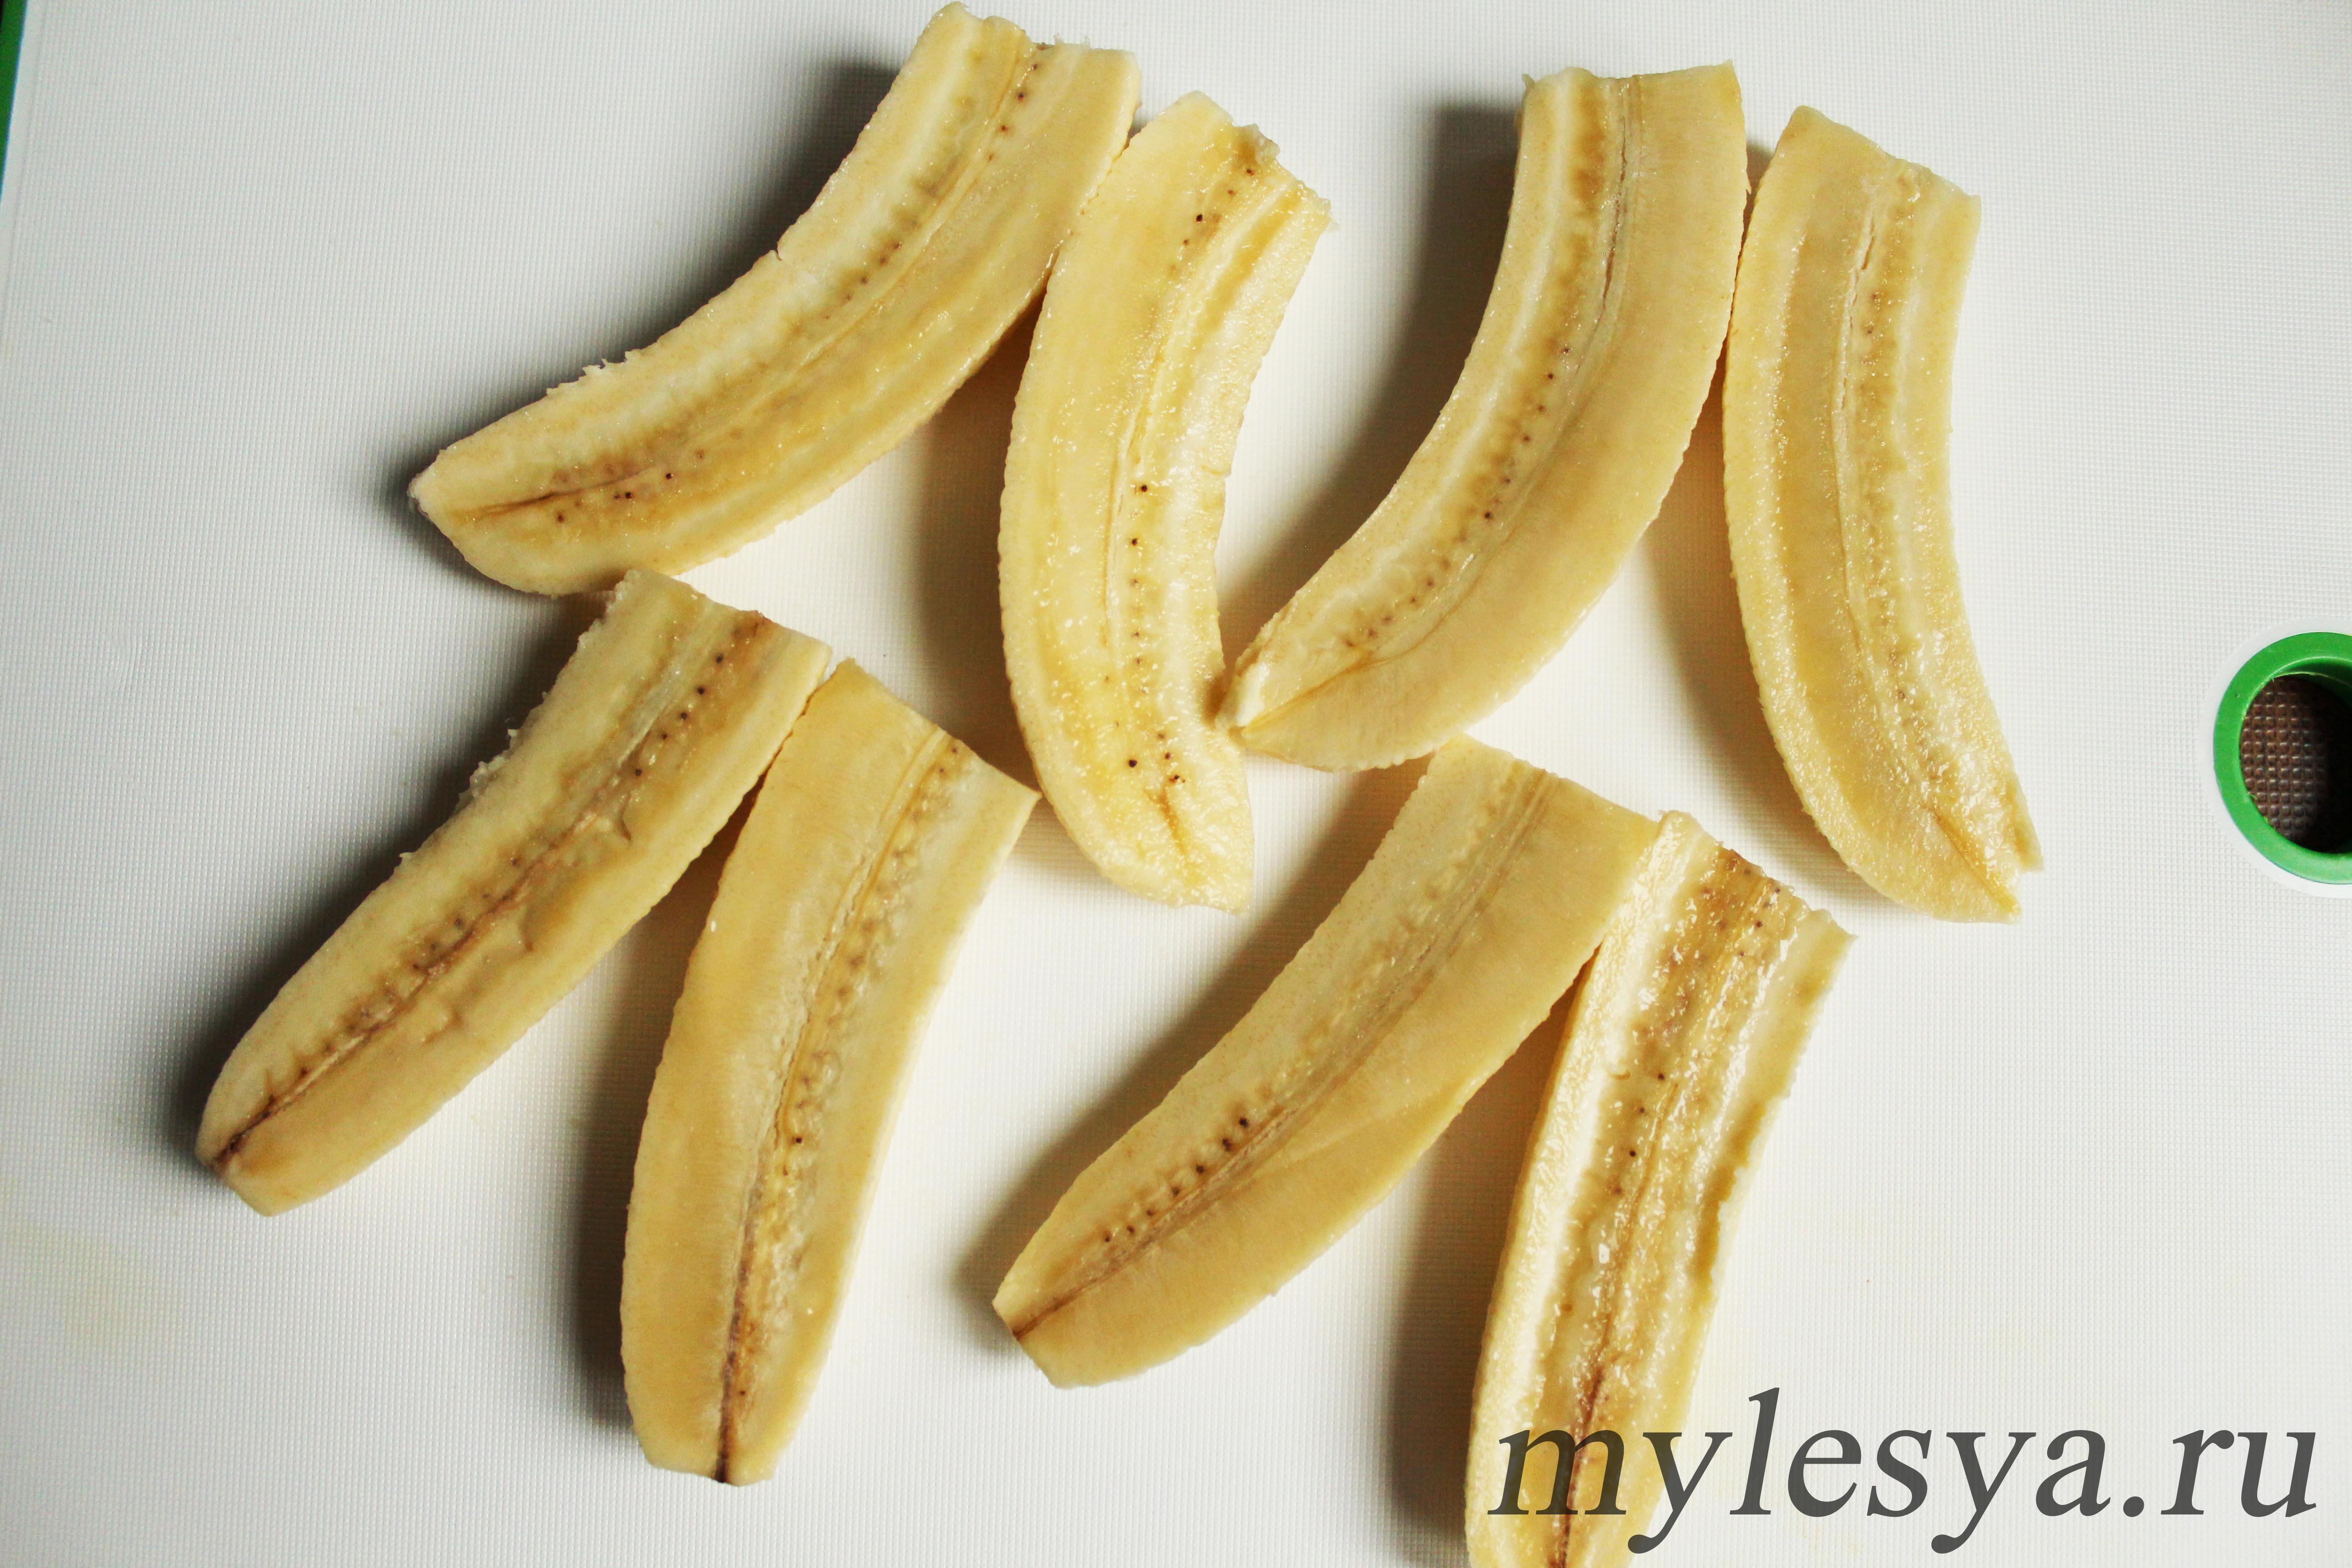 Бананы для творожной запеканки